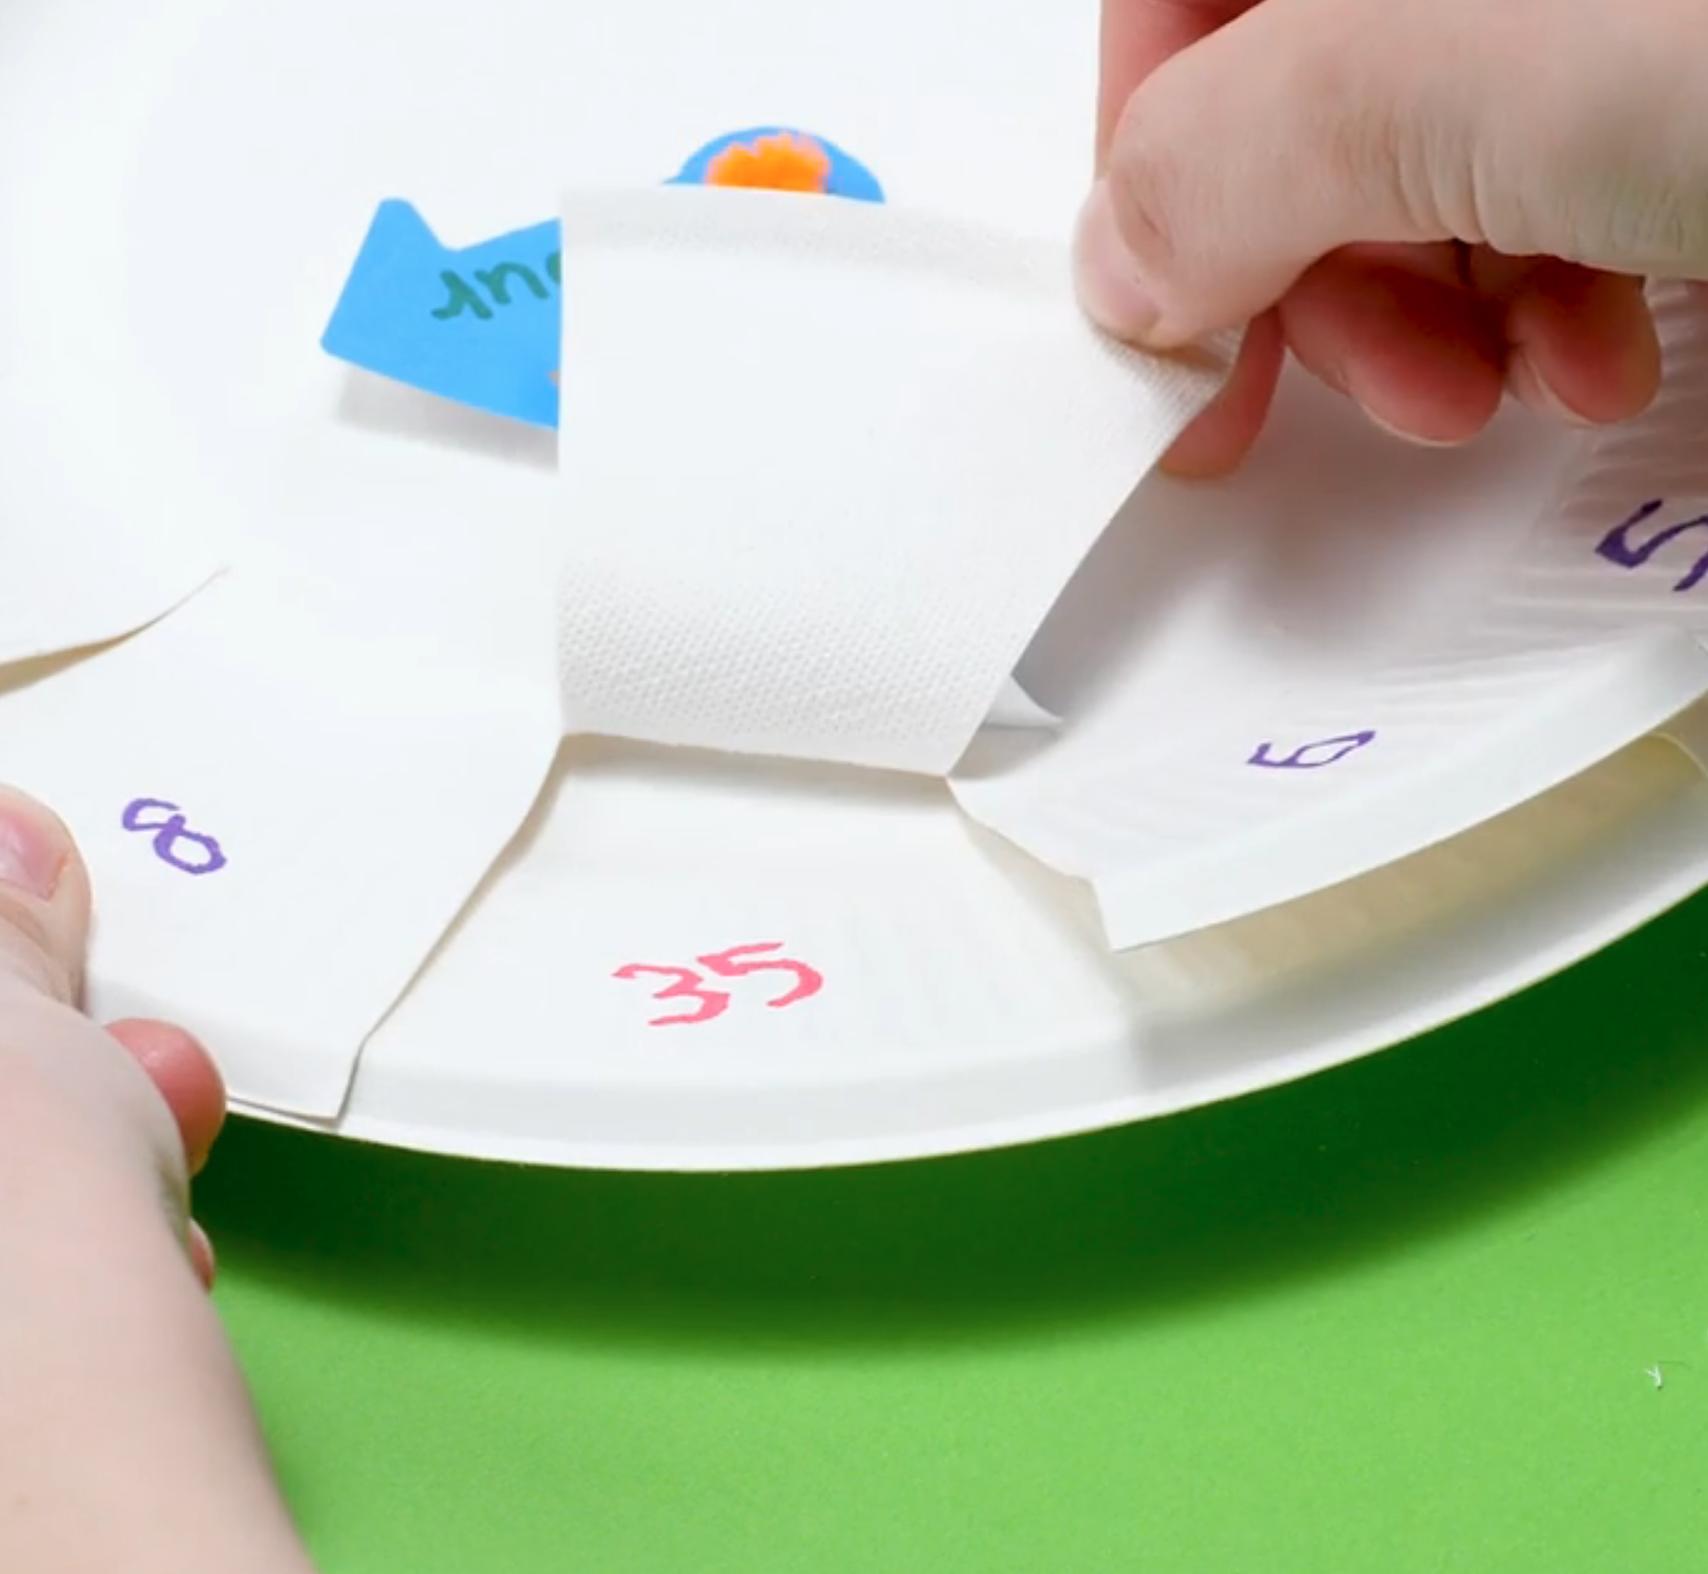 「手作り知恵おもちゃ」でおうち遊びを楽しく!おすすめ4選